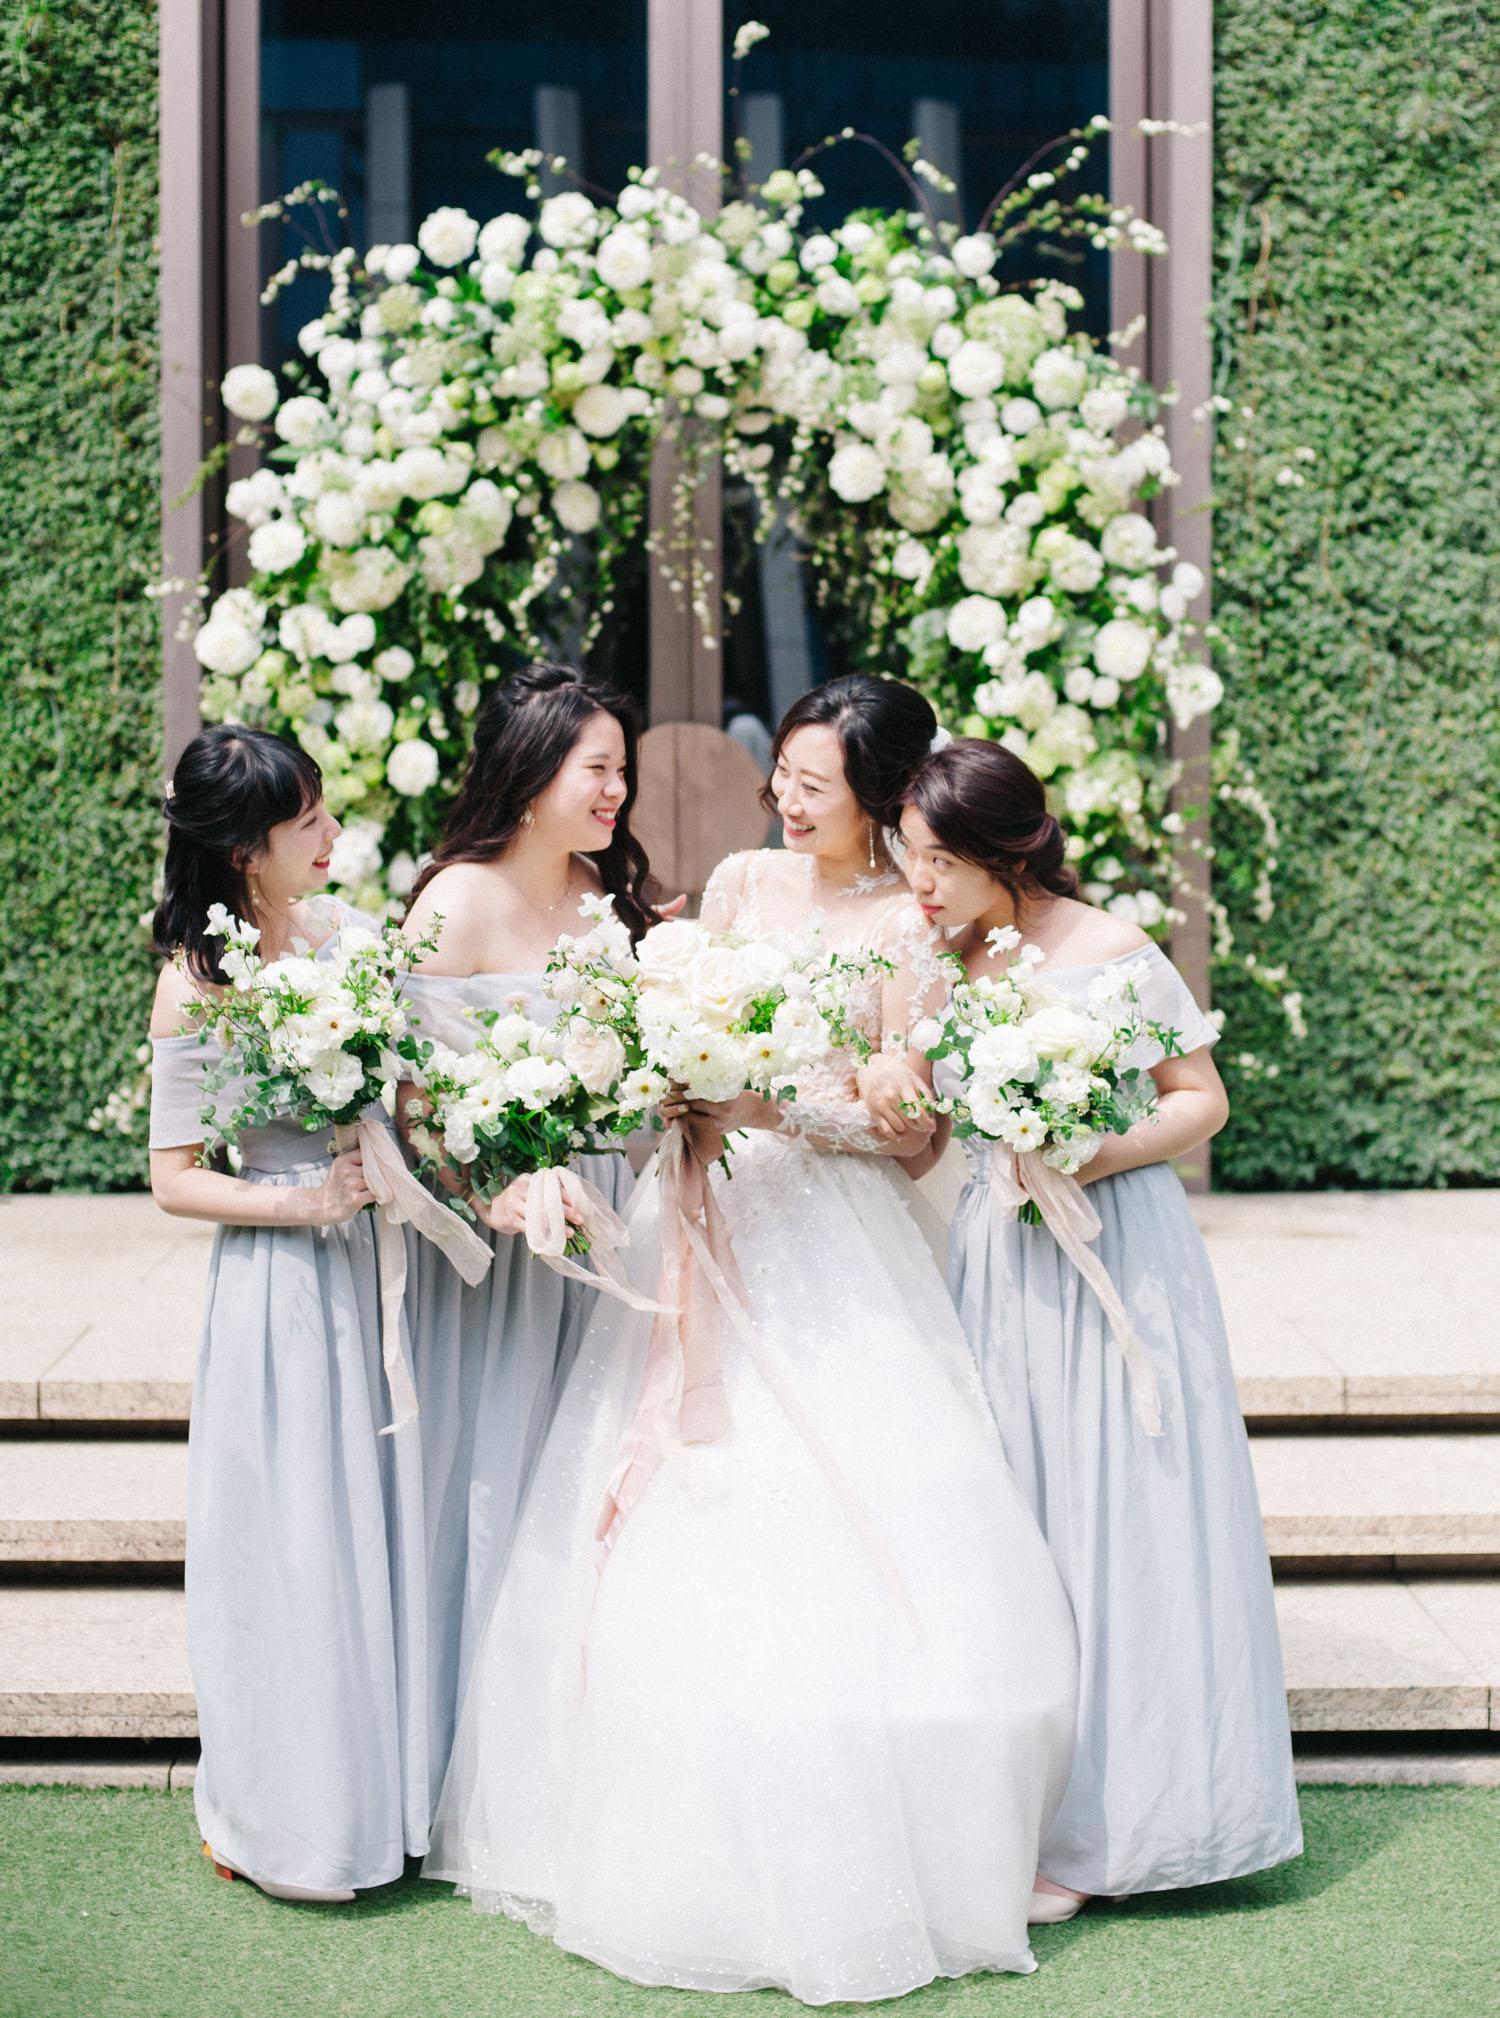 日光 Flower-台北 萬豪酒店婚禮-婚攝-Mark Hong-底片-